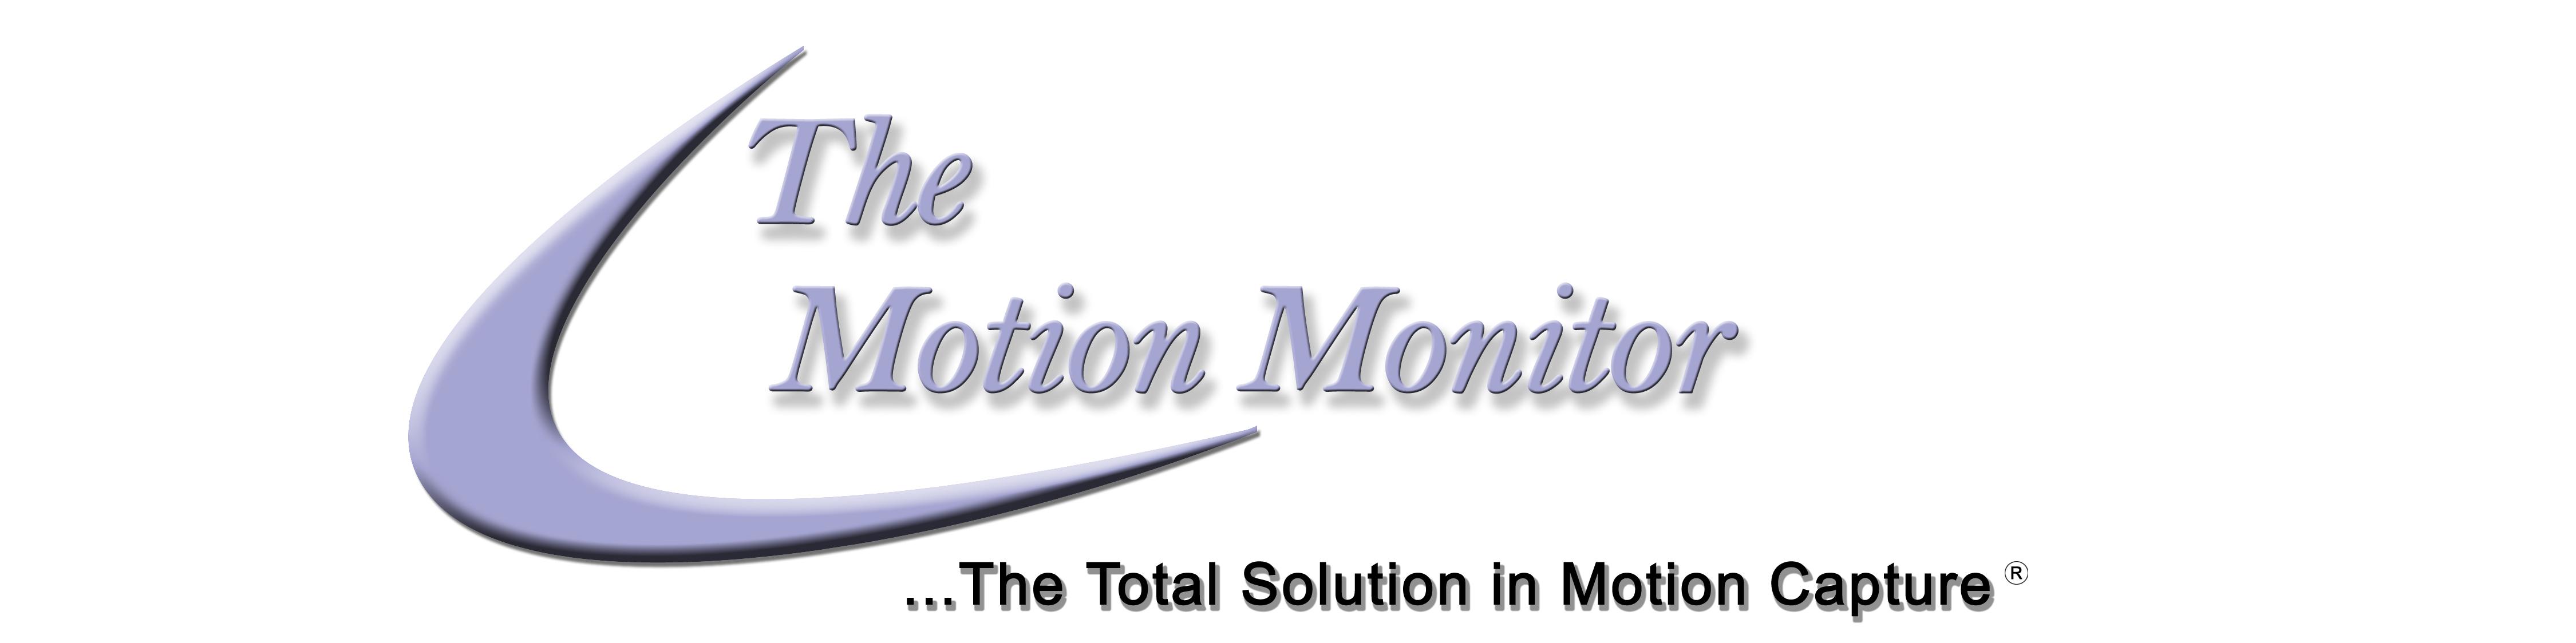 42_MotionMonitor